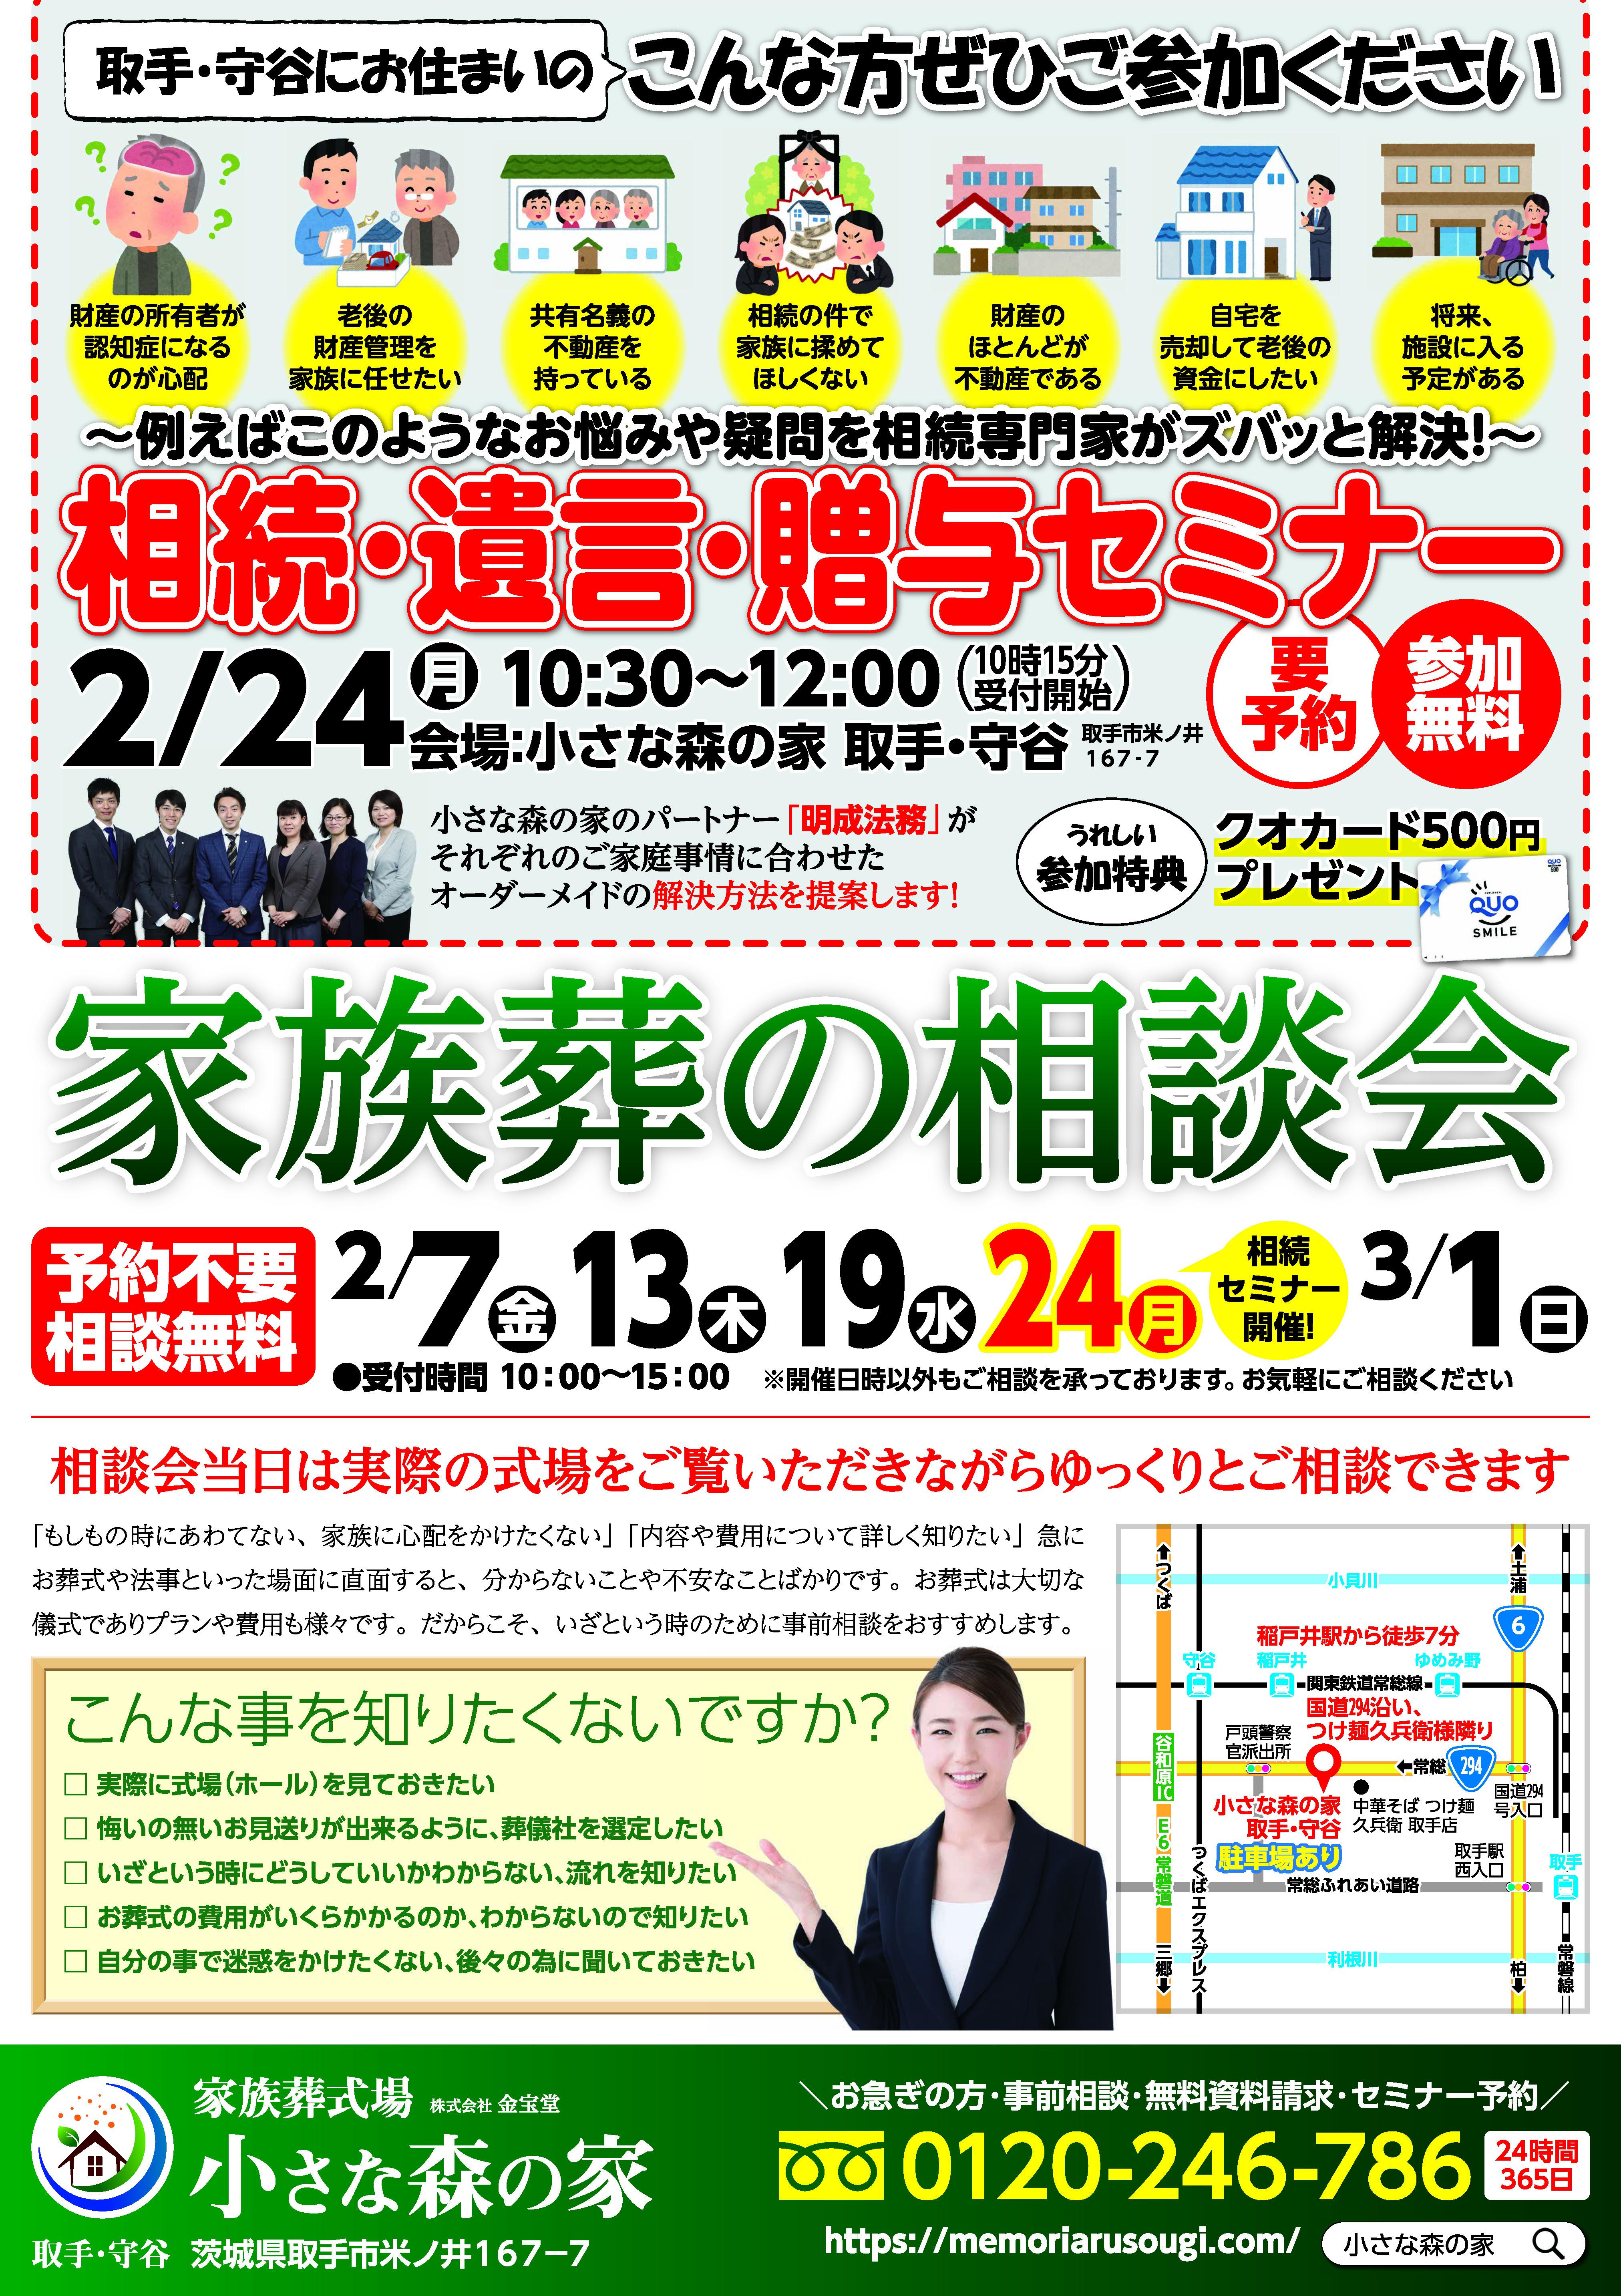 2月、3月に取手米ノ井で家族葬の相談会を実施いたします!2月24日は相続・遺言・贈与セミナーを同時開催!!